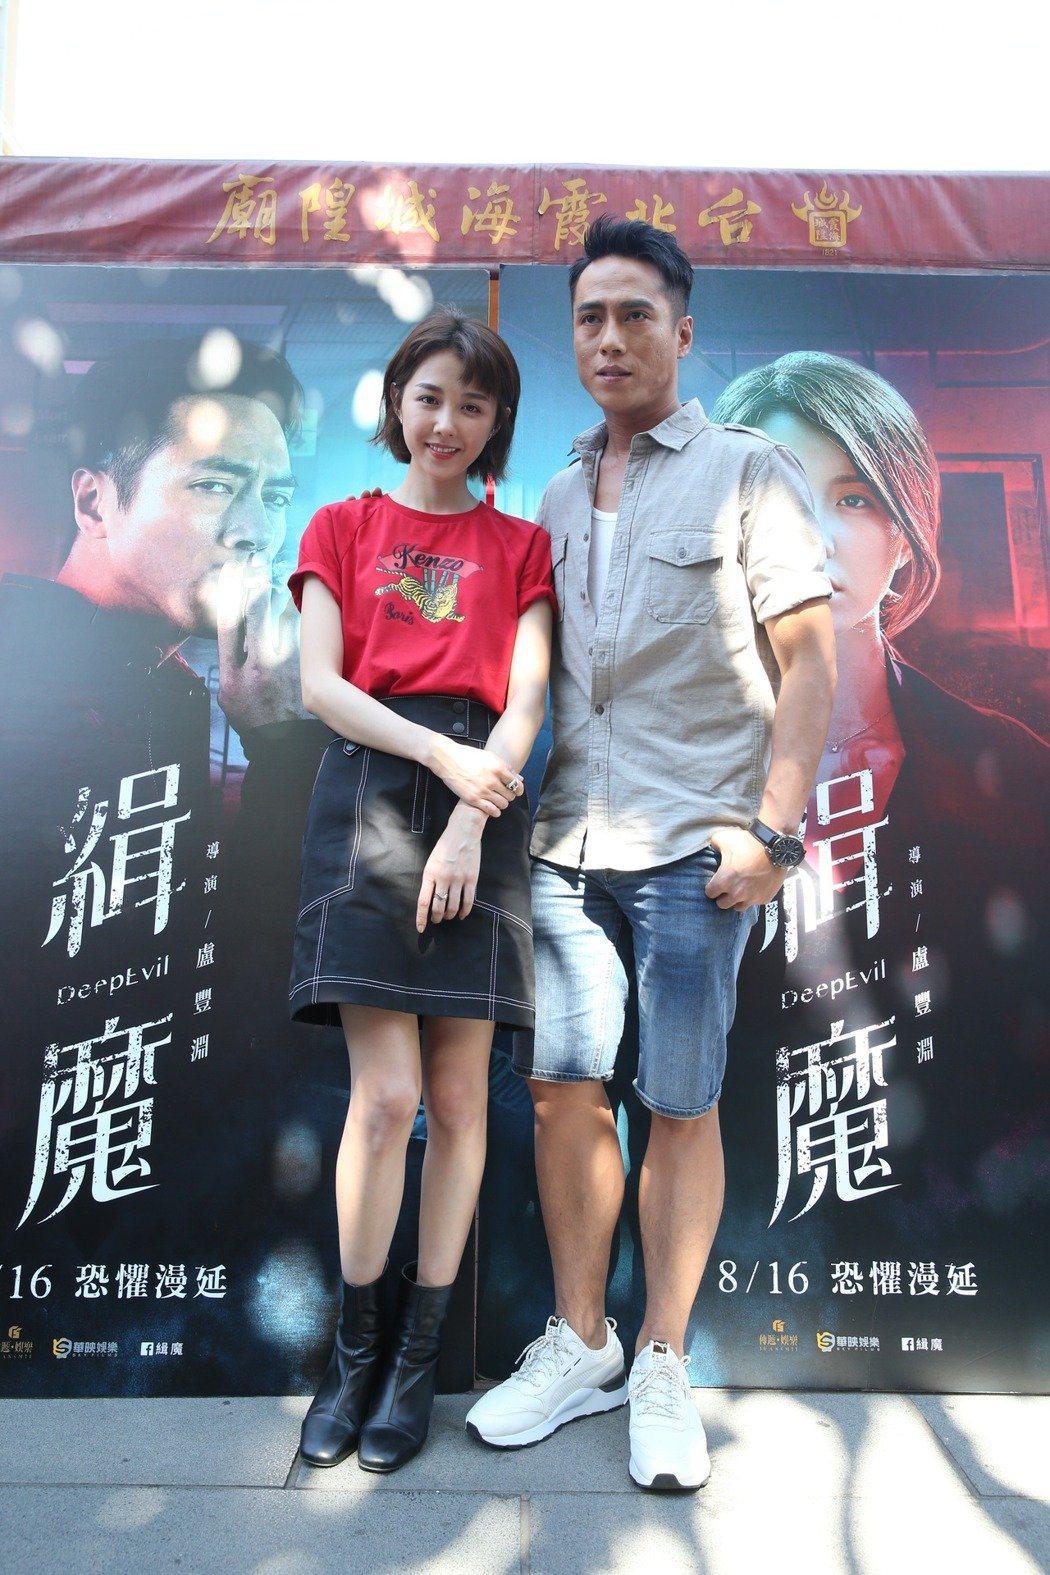 邵雨薇、莊凱勛出席電影《緝魔》專車祈福活動。記者葉信菉/攝影